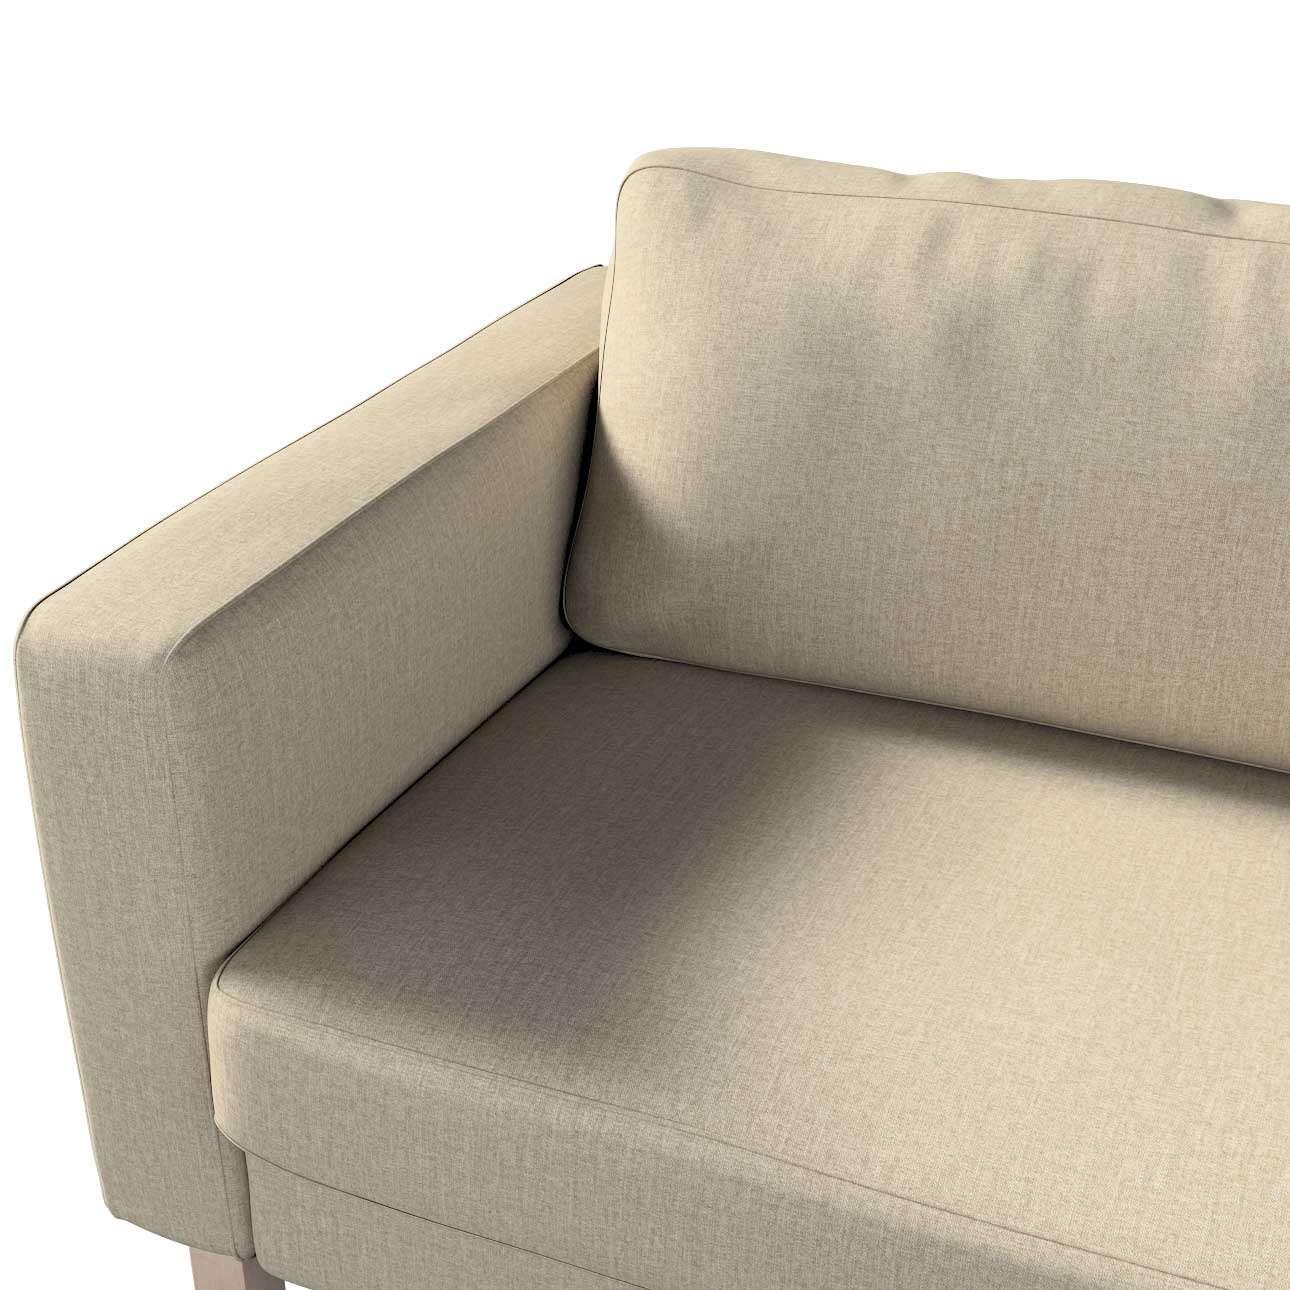 Pokrowiec na sofę Karlstad 3-osobową nierozkładaną, krótki w kolekcji City, tkanina: 704-80